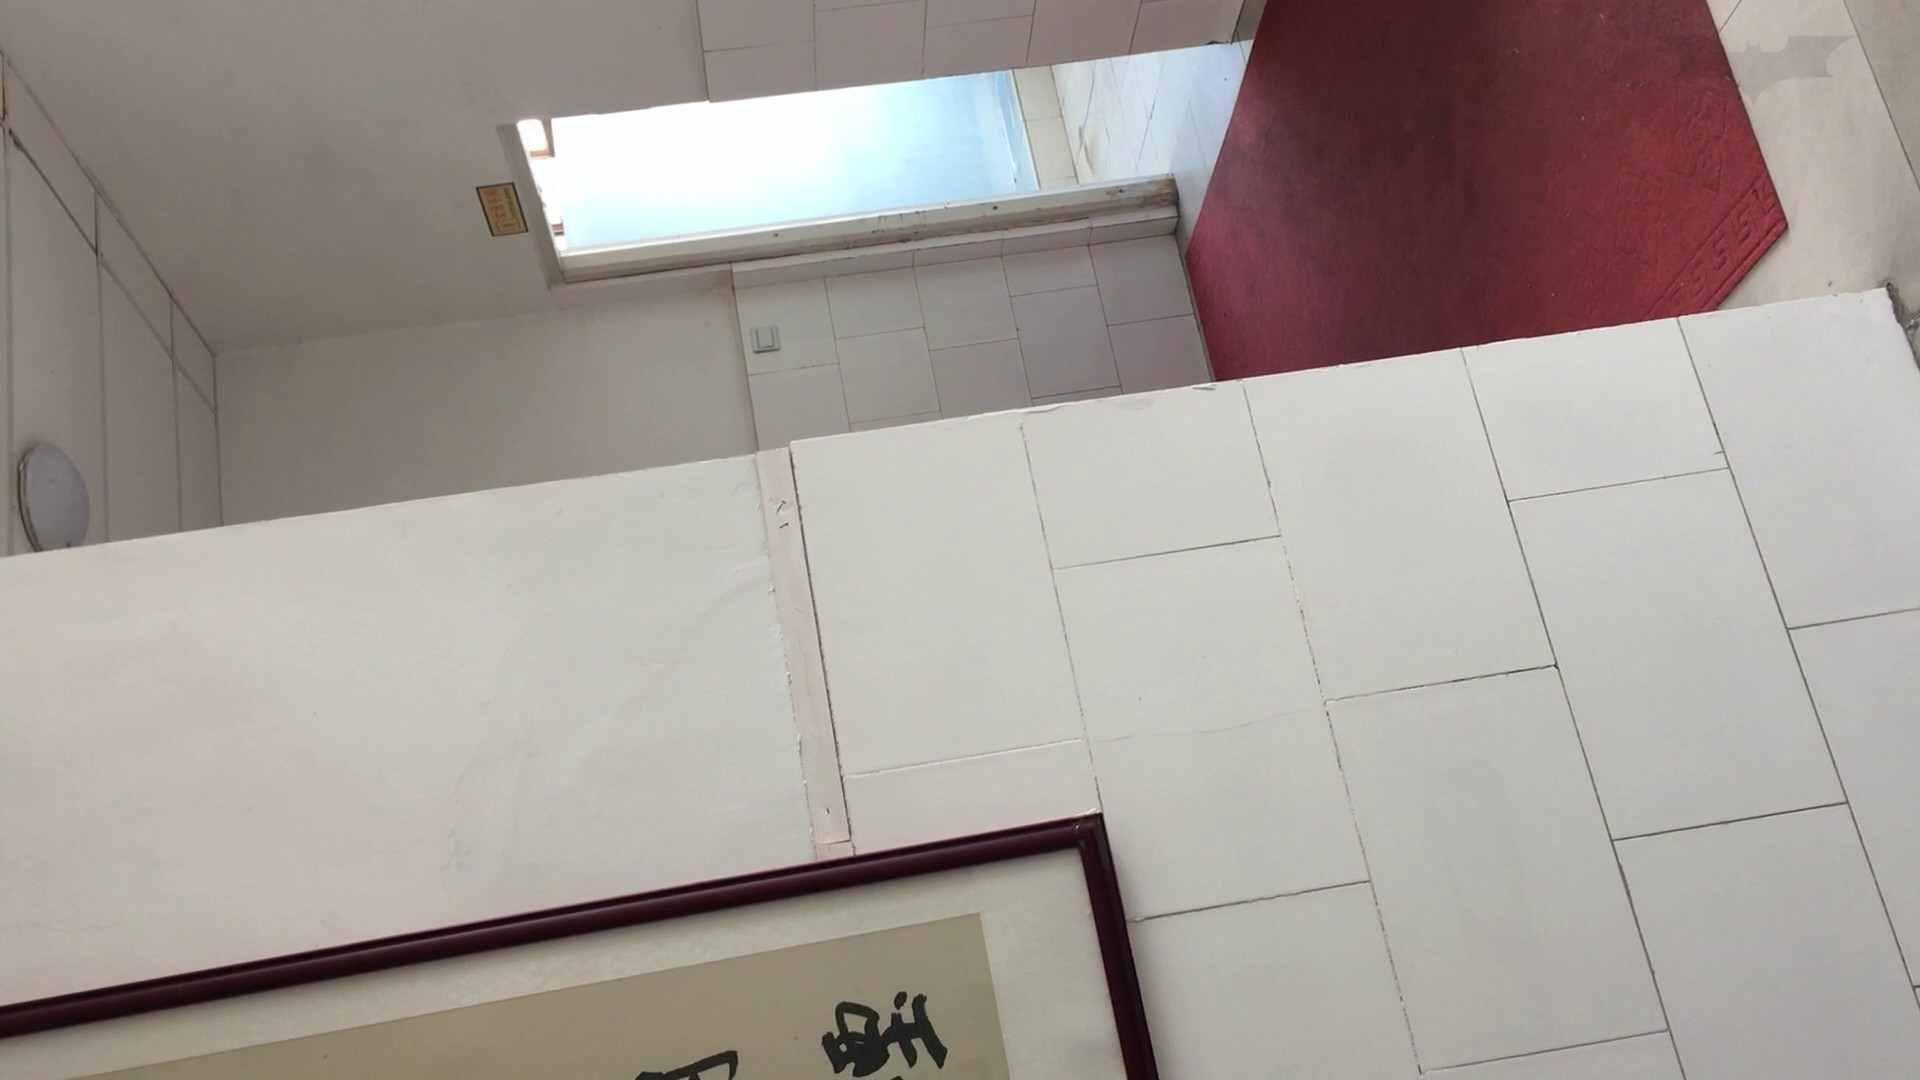 芸術大学ガチ潜入盗撮 JD盗撮 美女の洗面所の秘密 Vol.91 盗撮 | 高画質  97画像 31